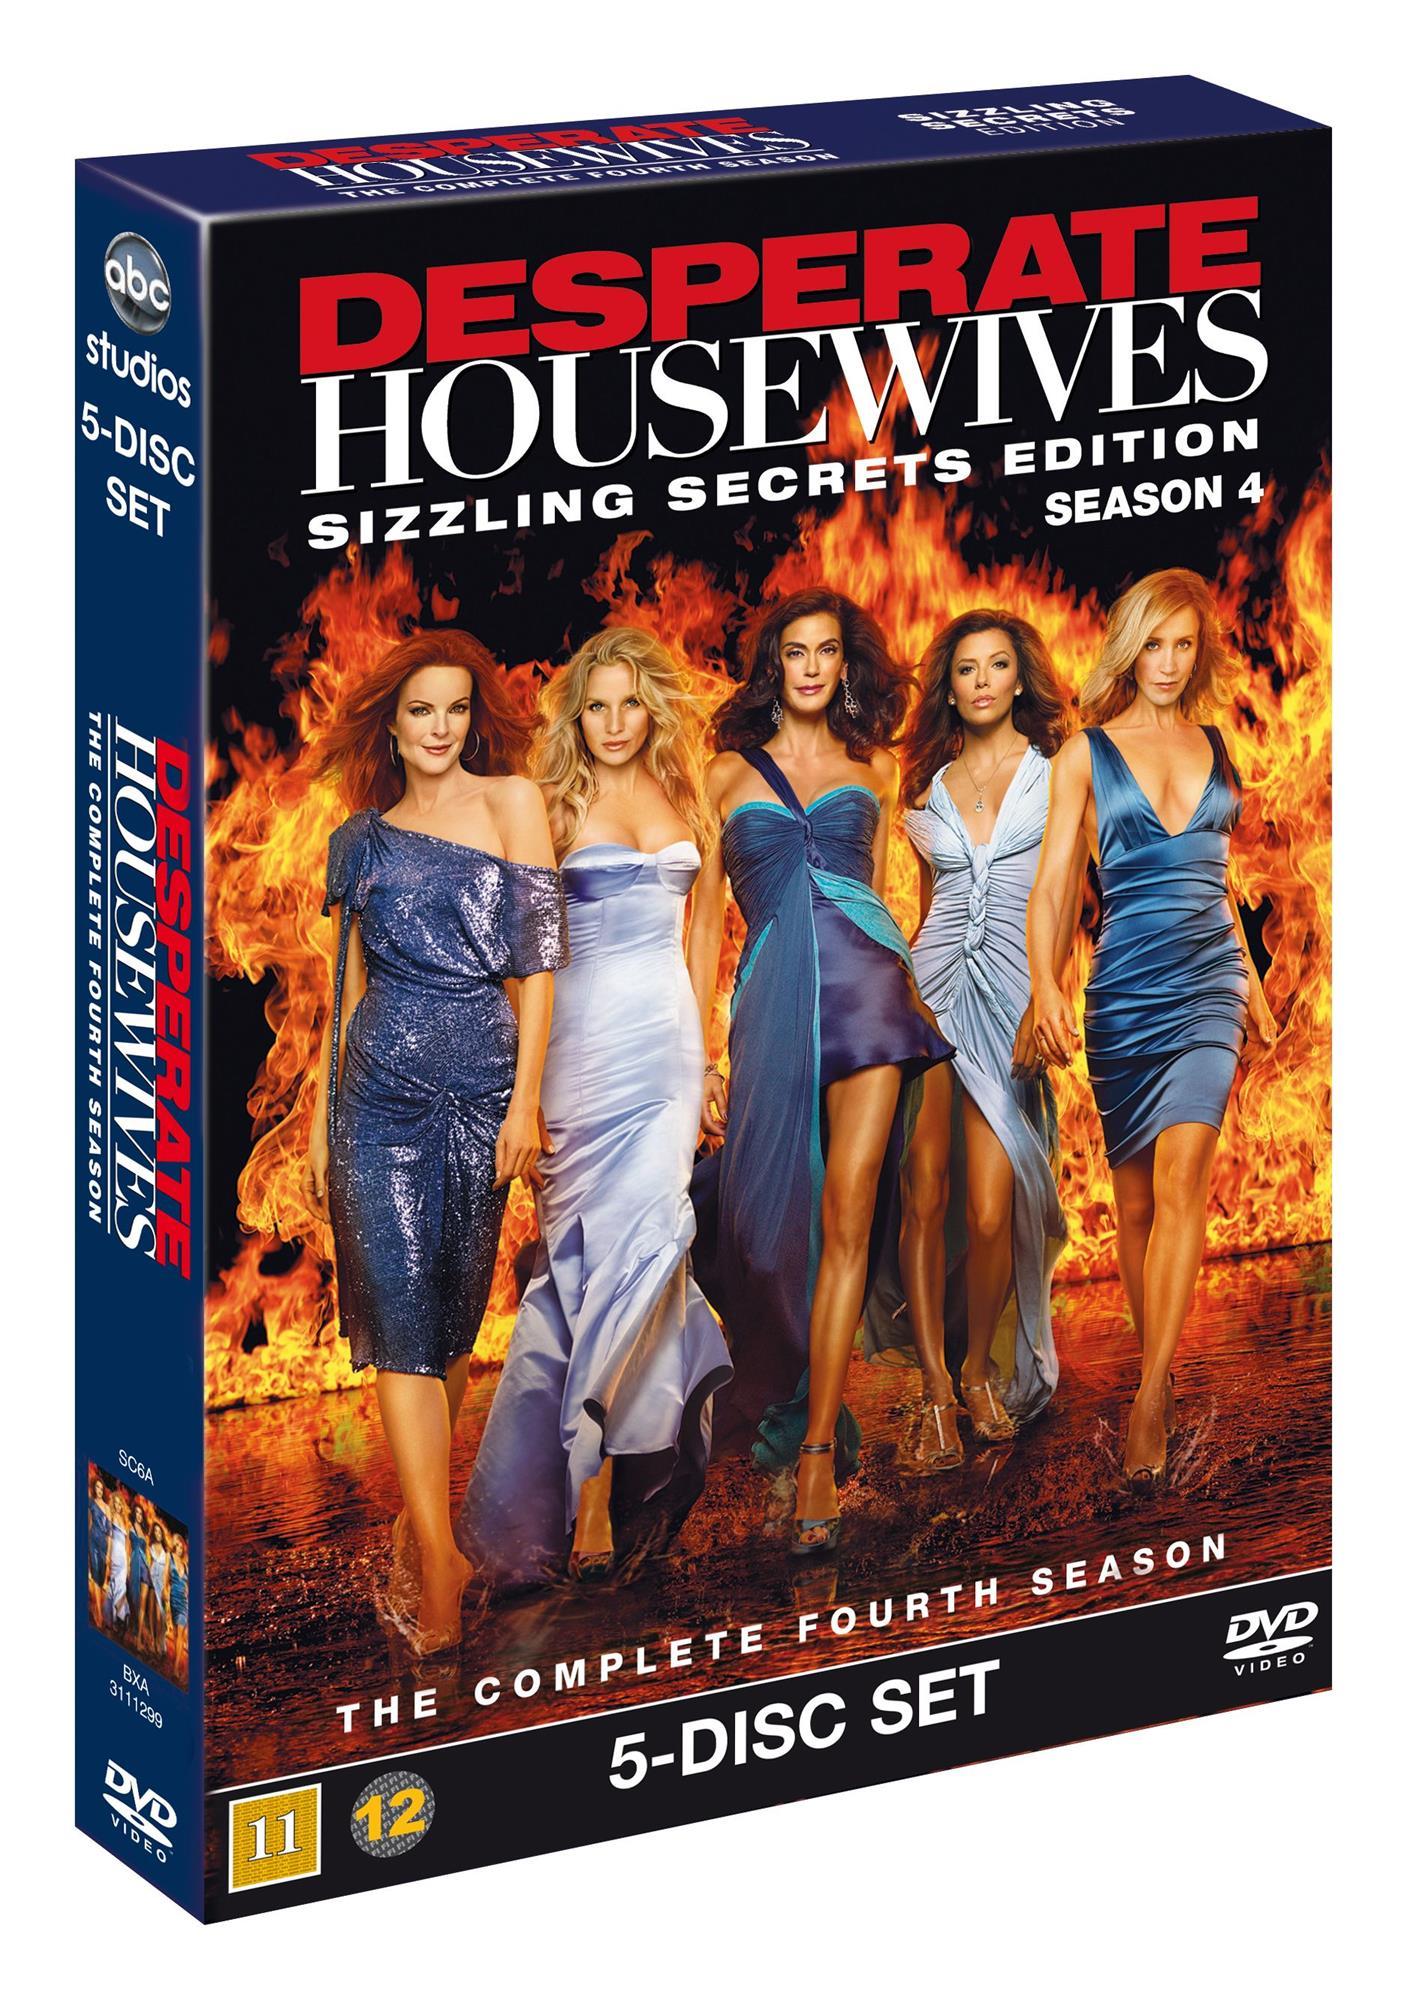 Täydelliset naiset (Desperate Housewives)  kausi 4 TV-sarja 17621ec213